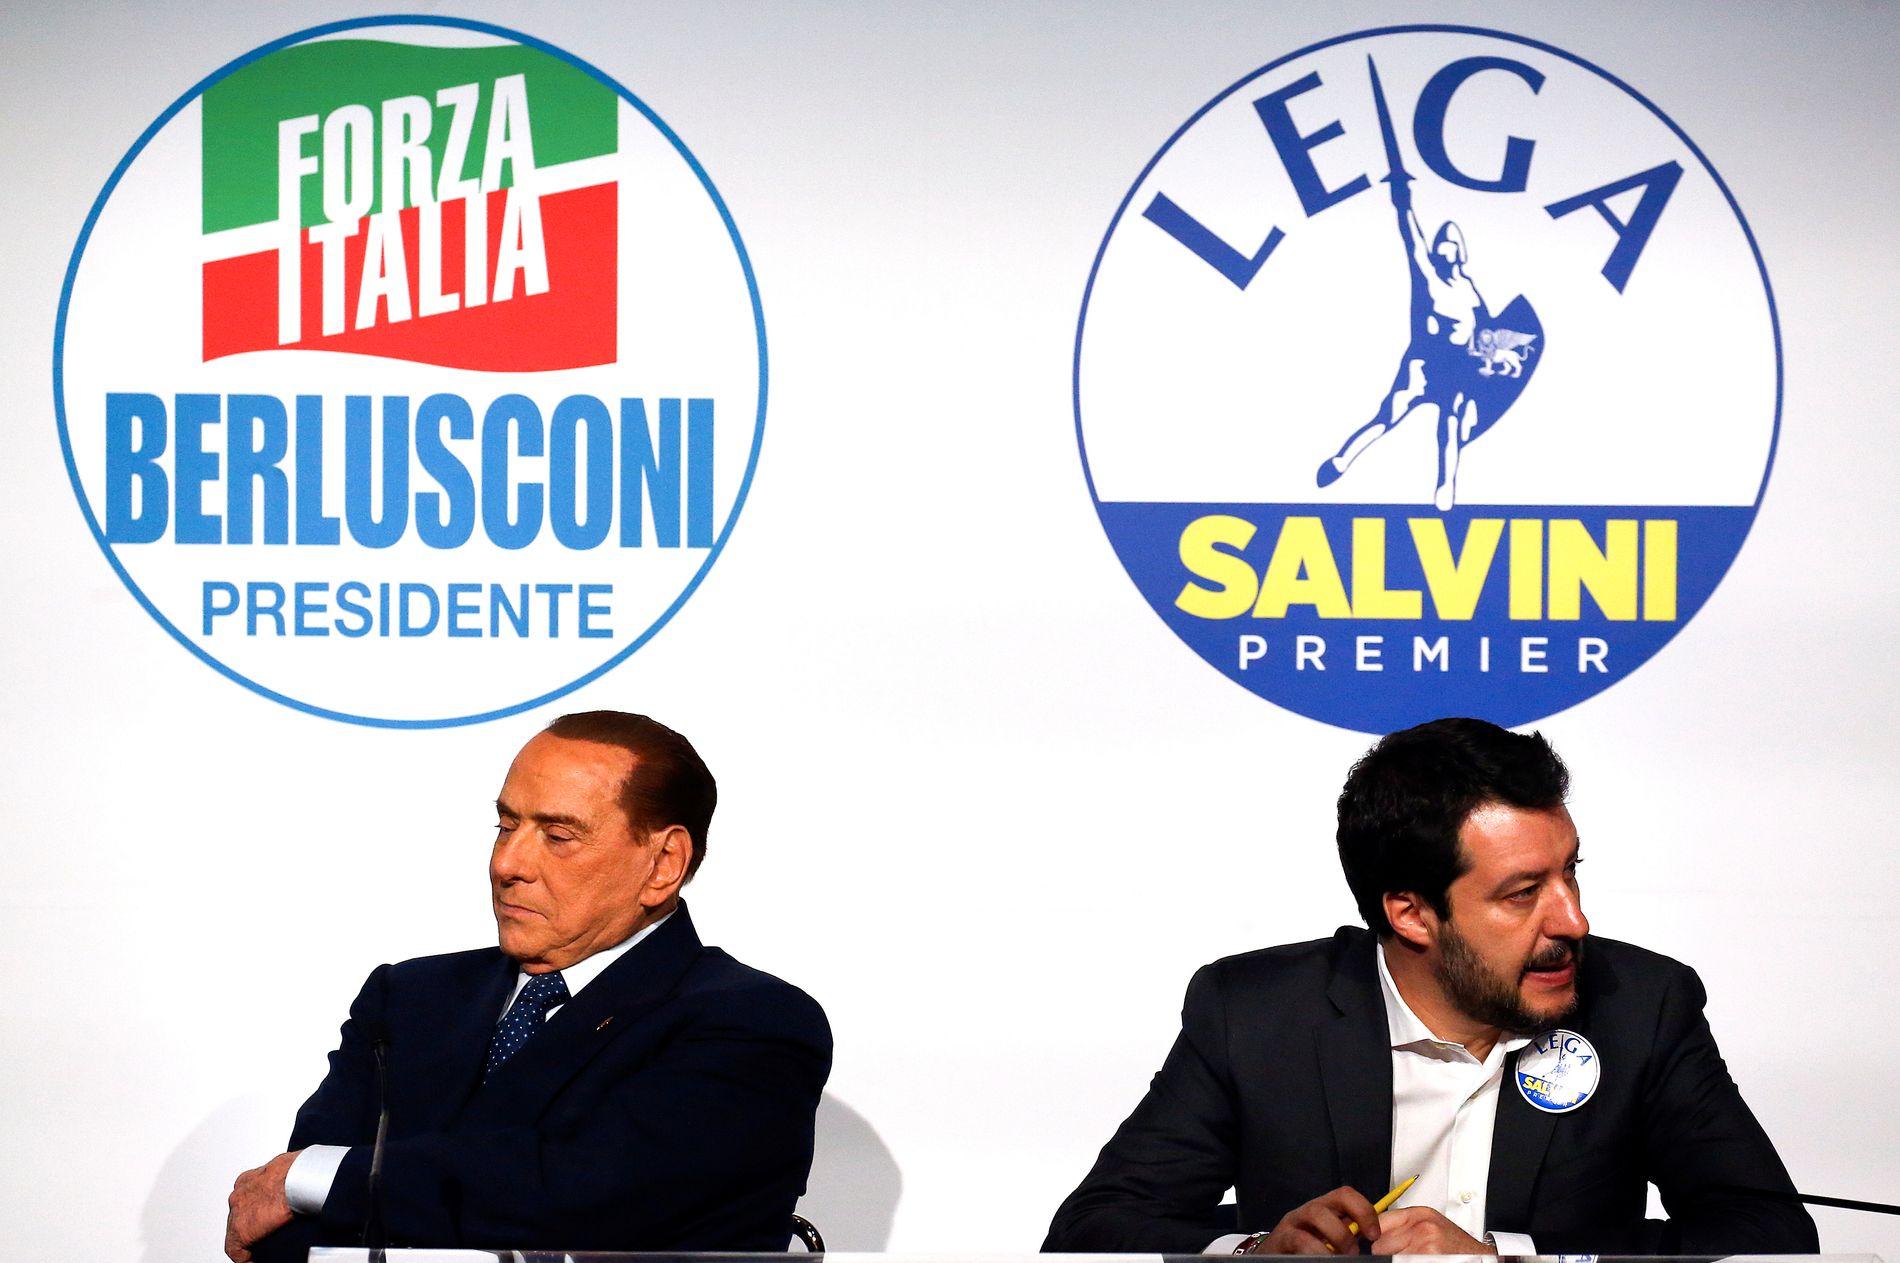 HVA NÅ?: Høyrekoalisjonen blir størst, men Silvio Berlusconi taper stort overfor Legas Matteo Salvini.